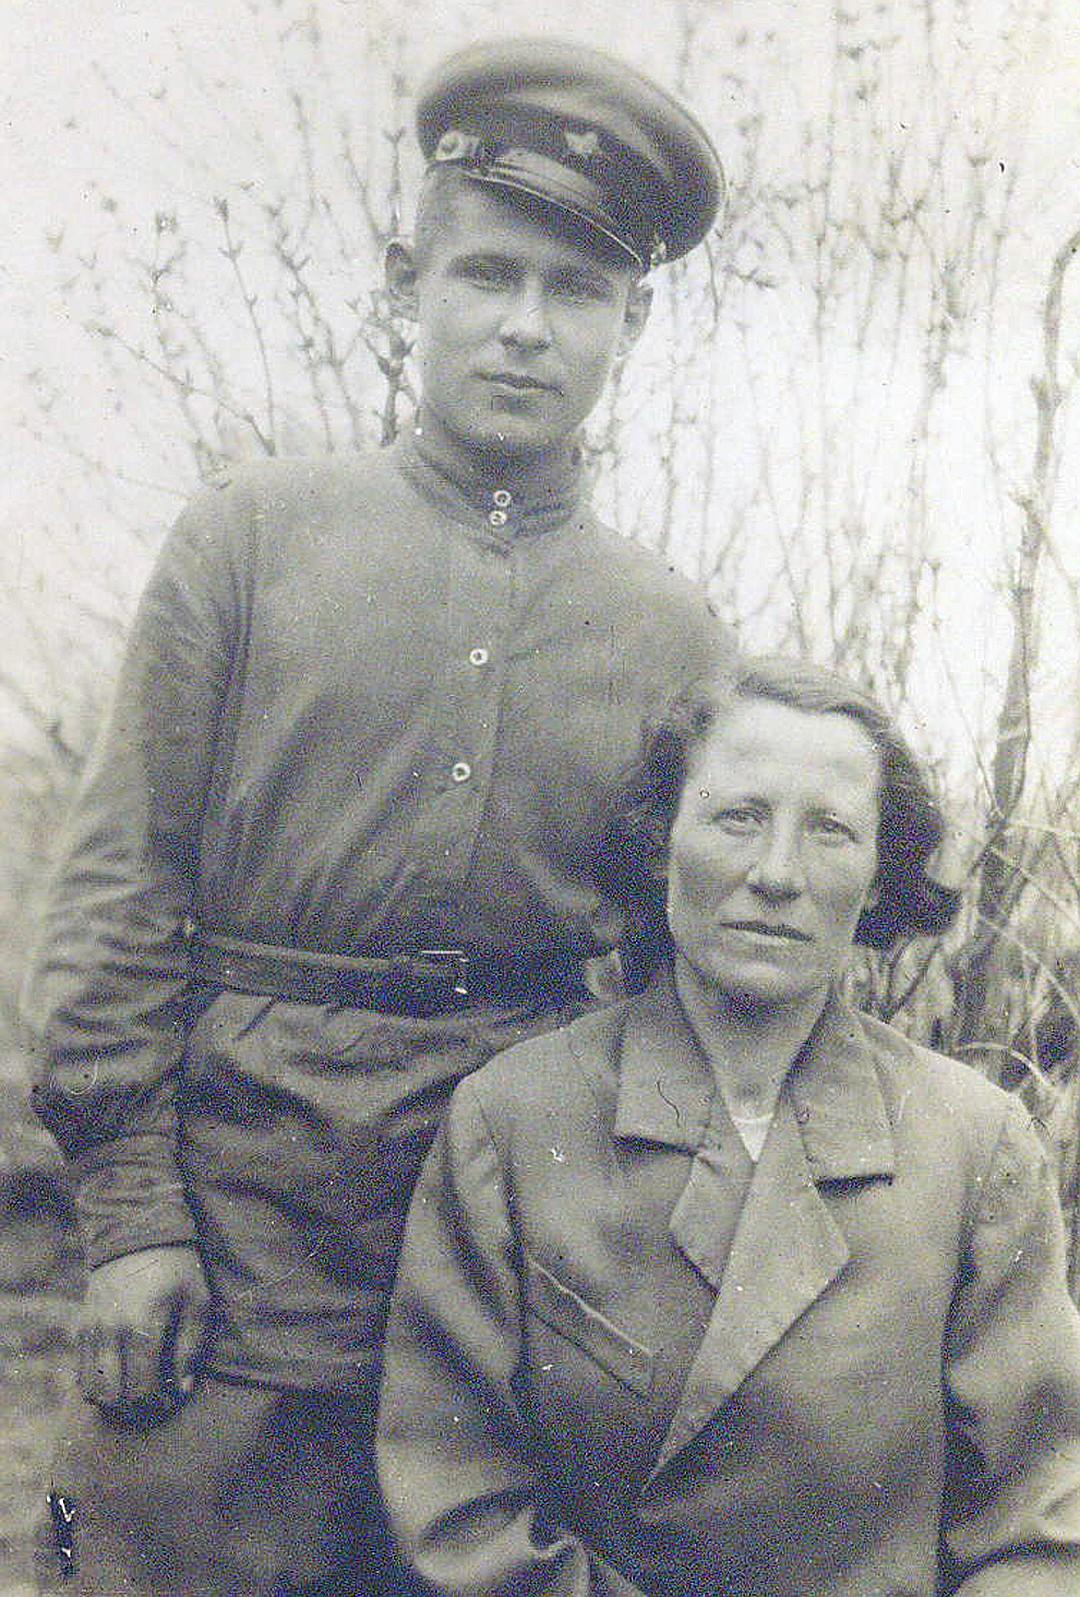 «Волоколамские мальчиши»: В декабре 1941-го несколько подростков двое суток обороняли деревню от немцев Великая Отечественная война,личности,СССР